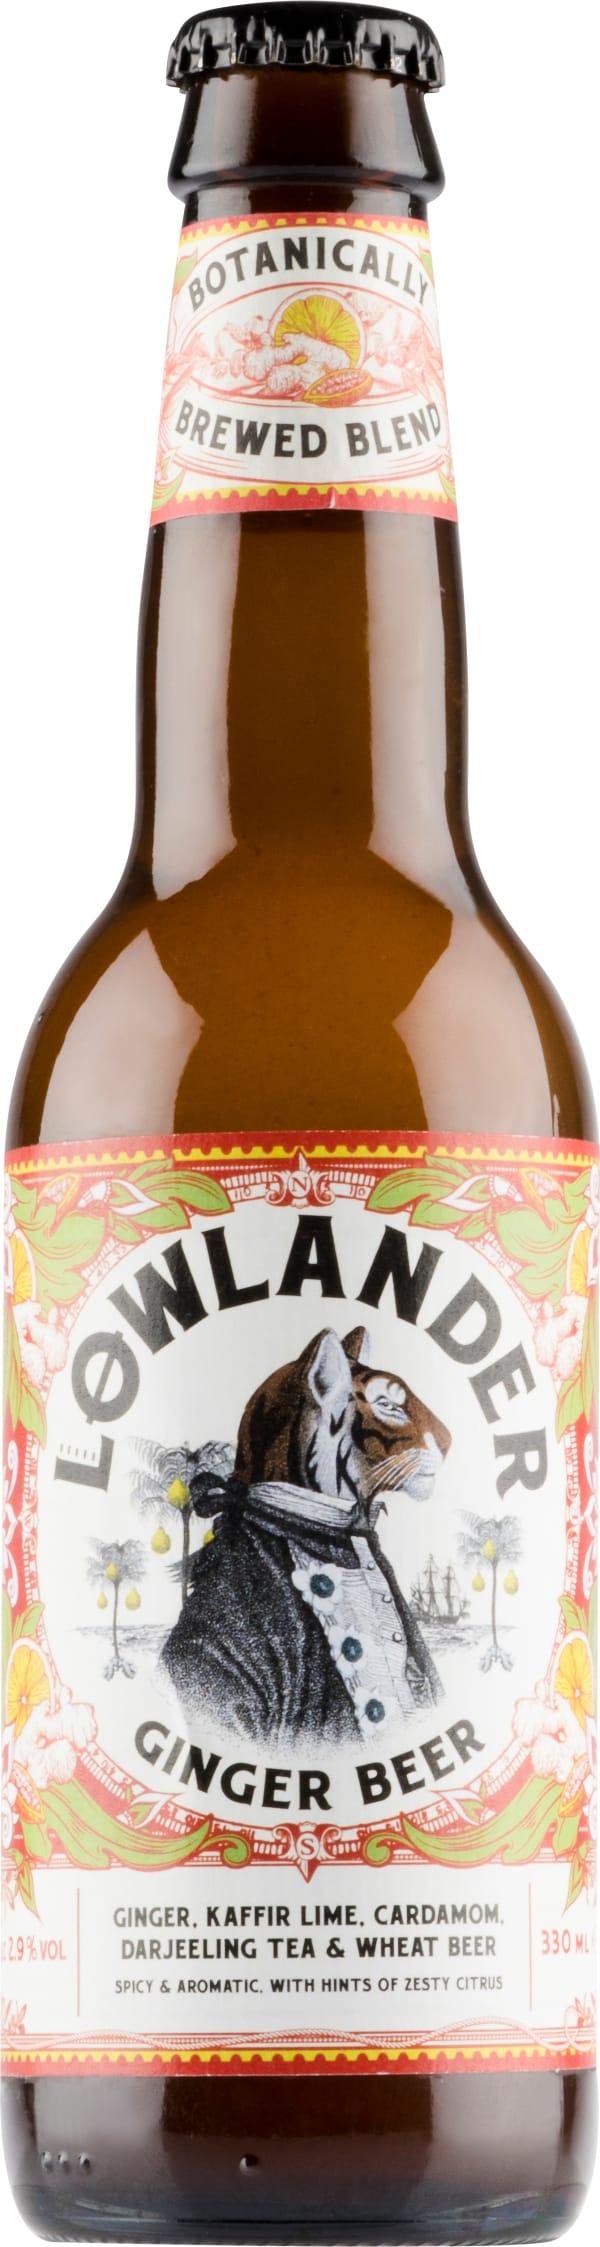 Lowlander Ginger Beer